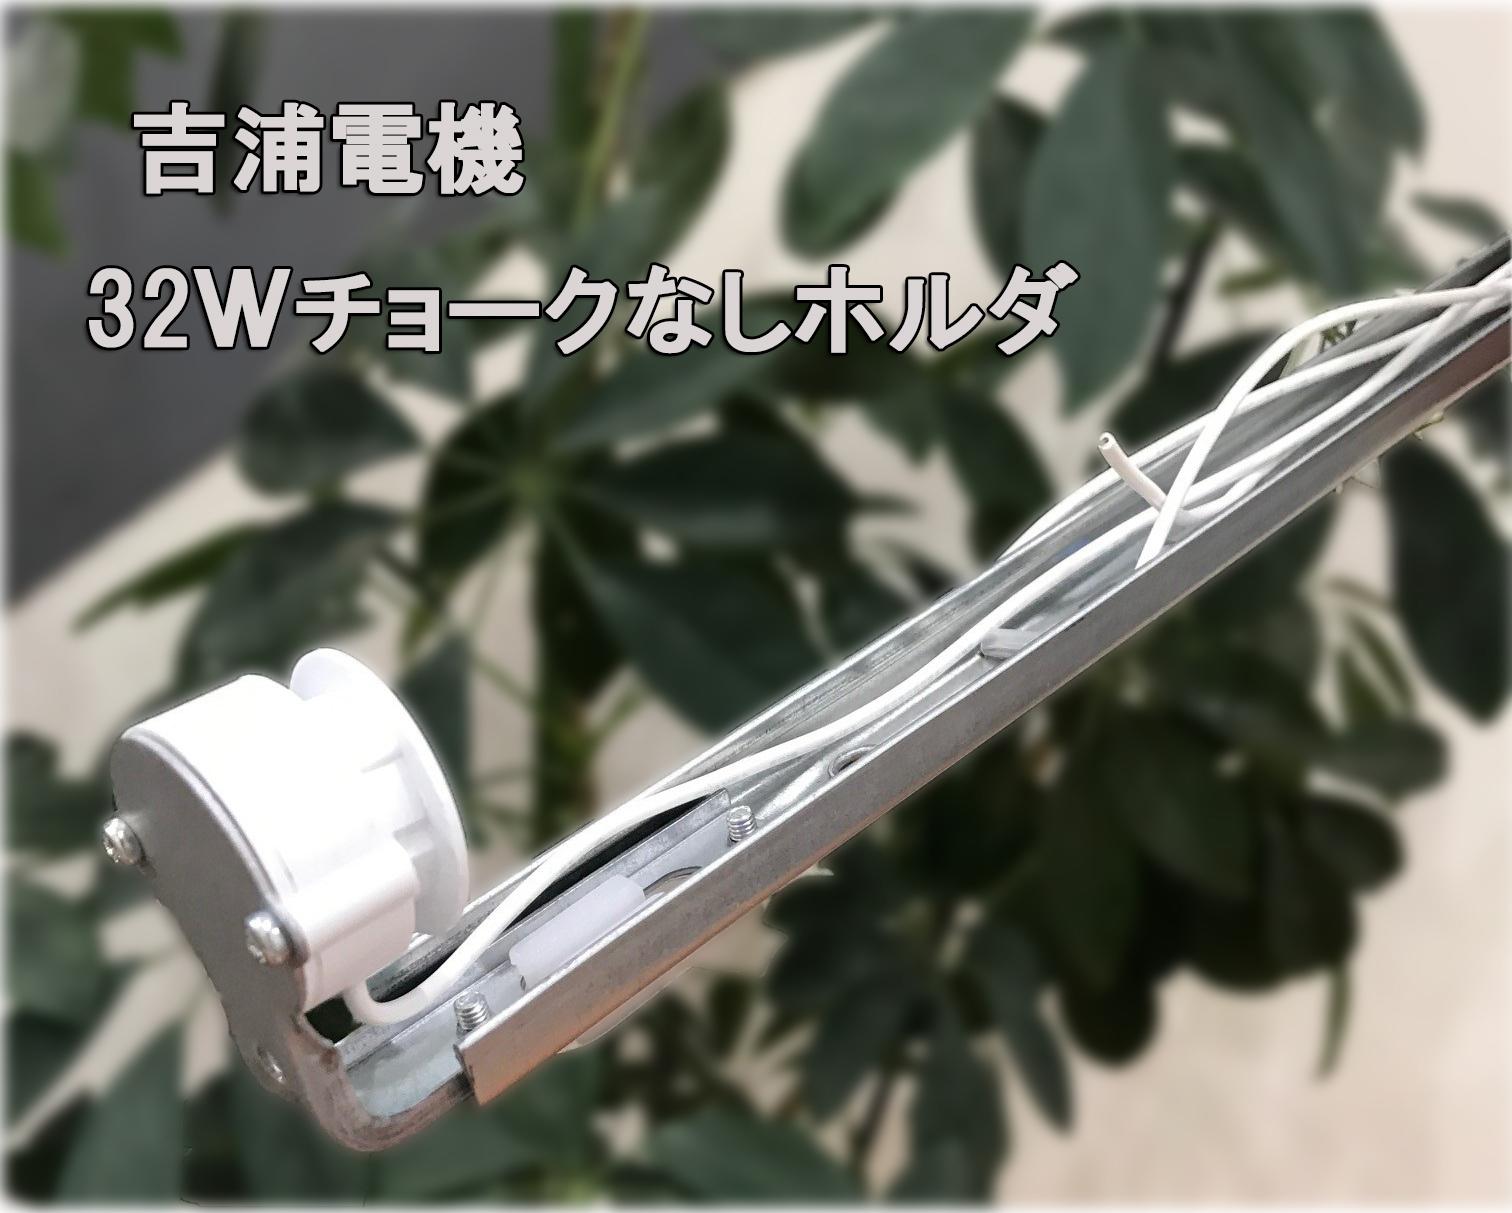 【吉浦電機】LED直管ランプ使用に最適 32Wチョークなしホルダー G13口金 両側リード線 安定器なし《片側・両側どちらの給電にも対応可能》